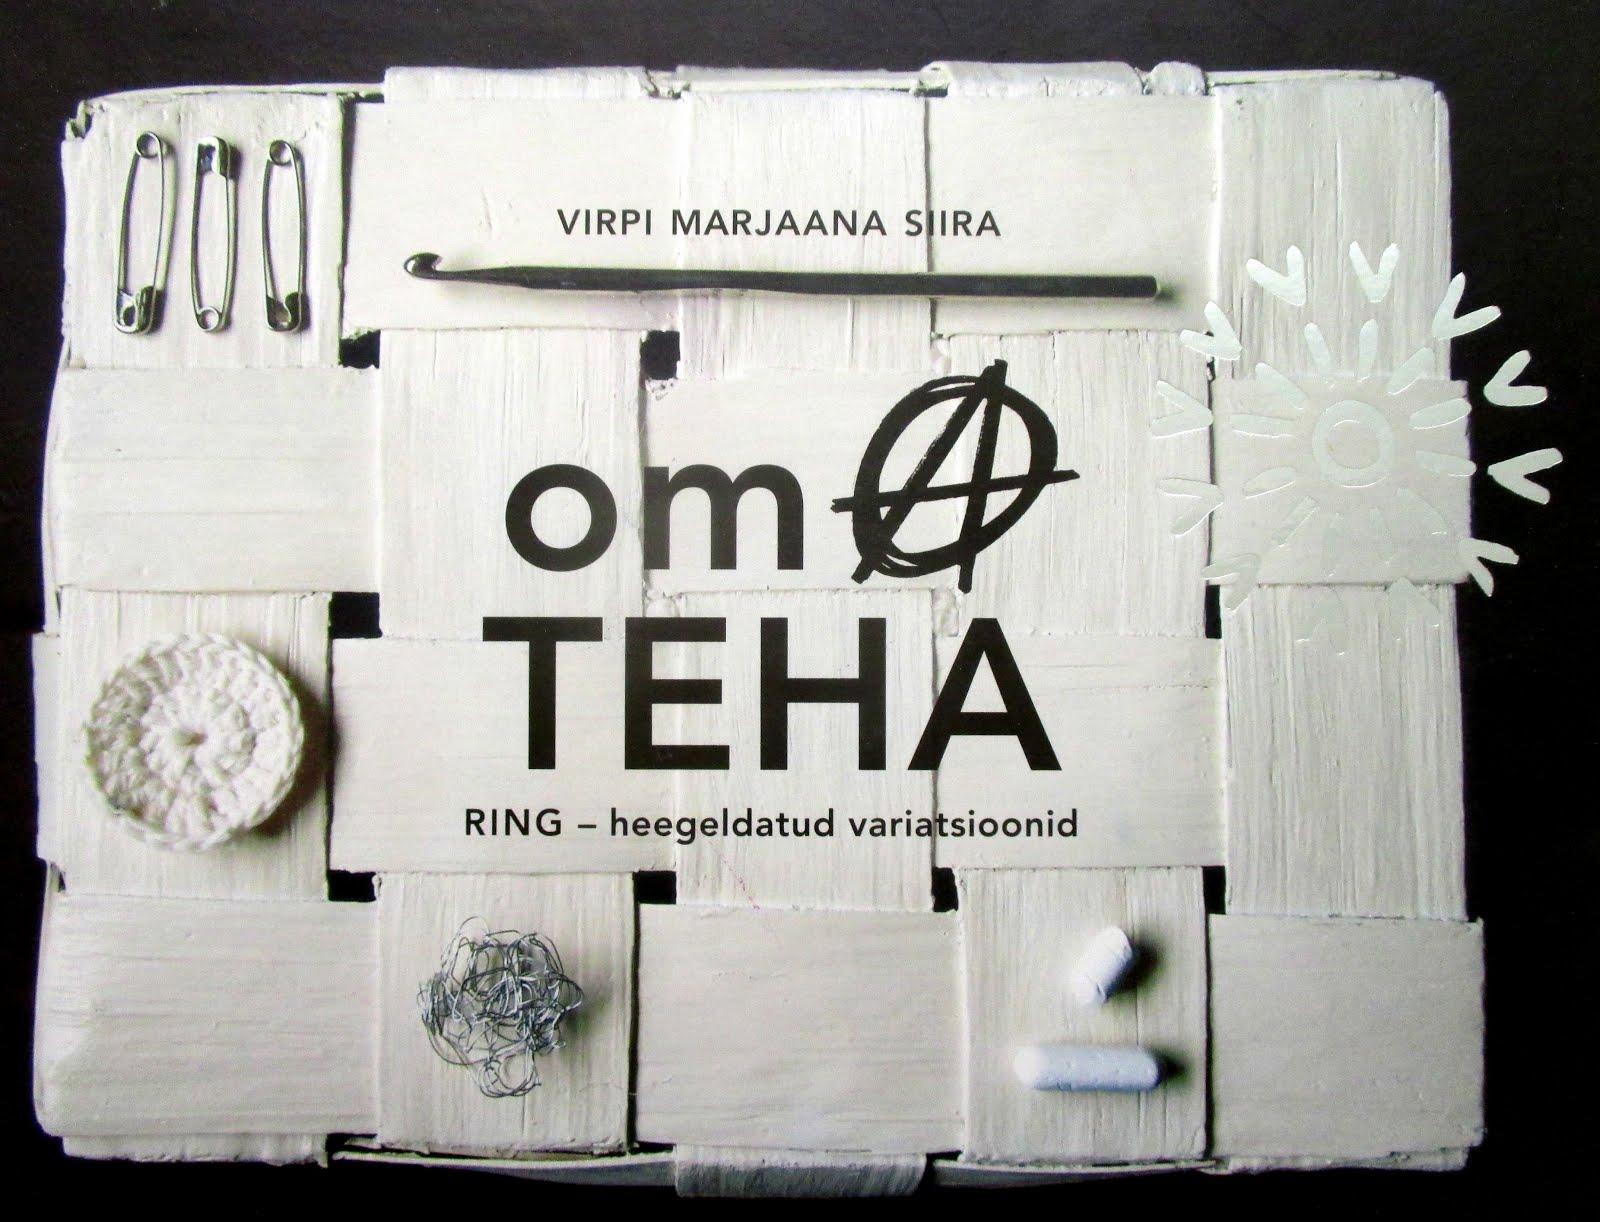 omA TEHA - RING - heegeldatud variatsioonid